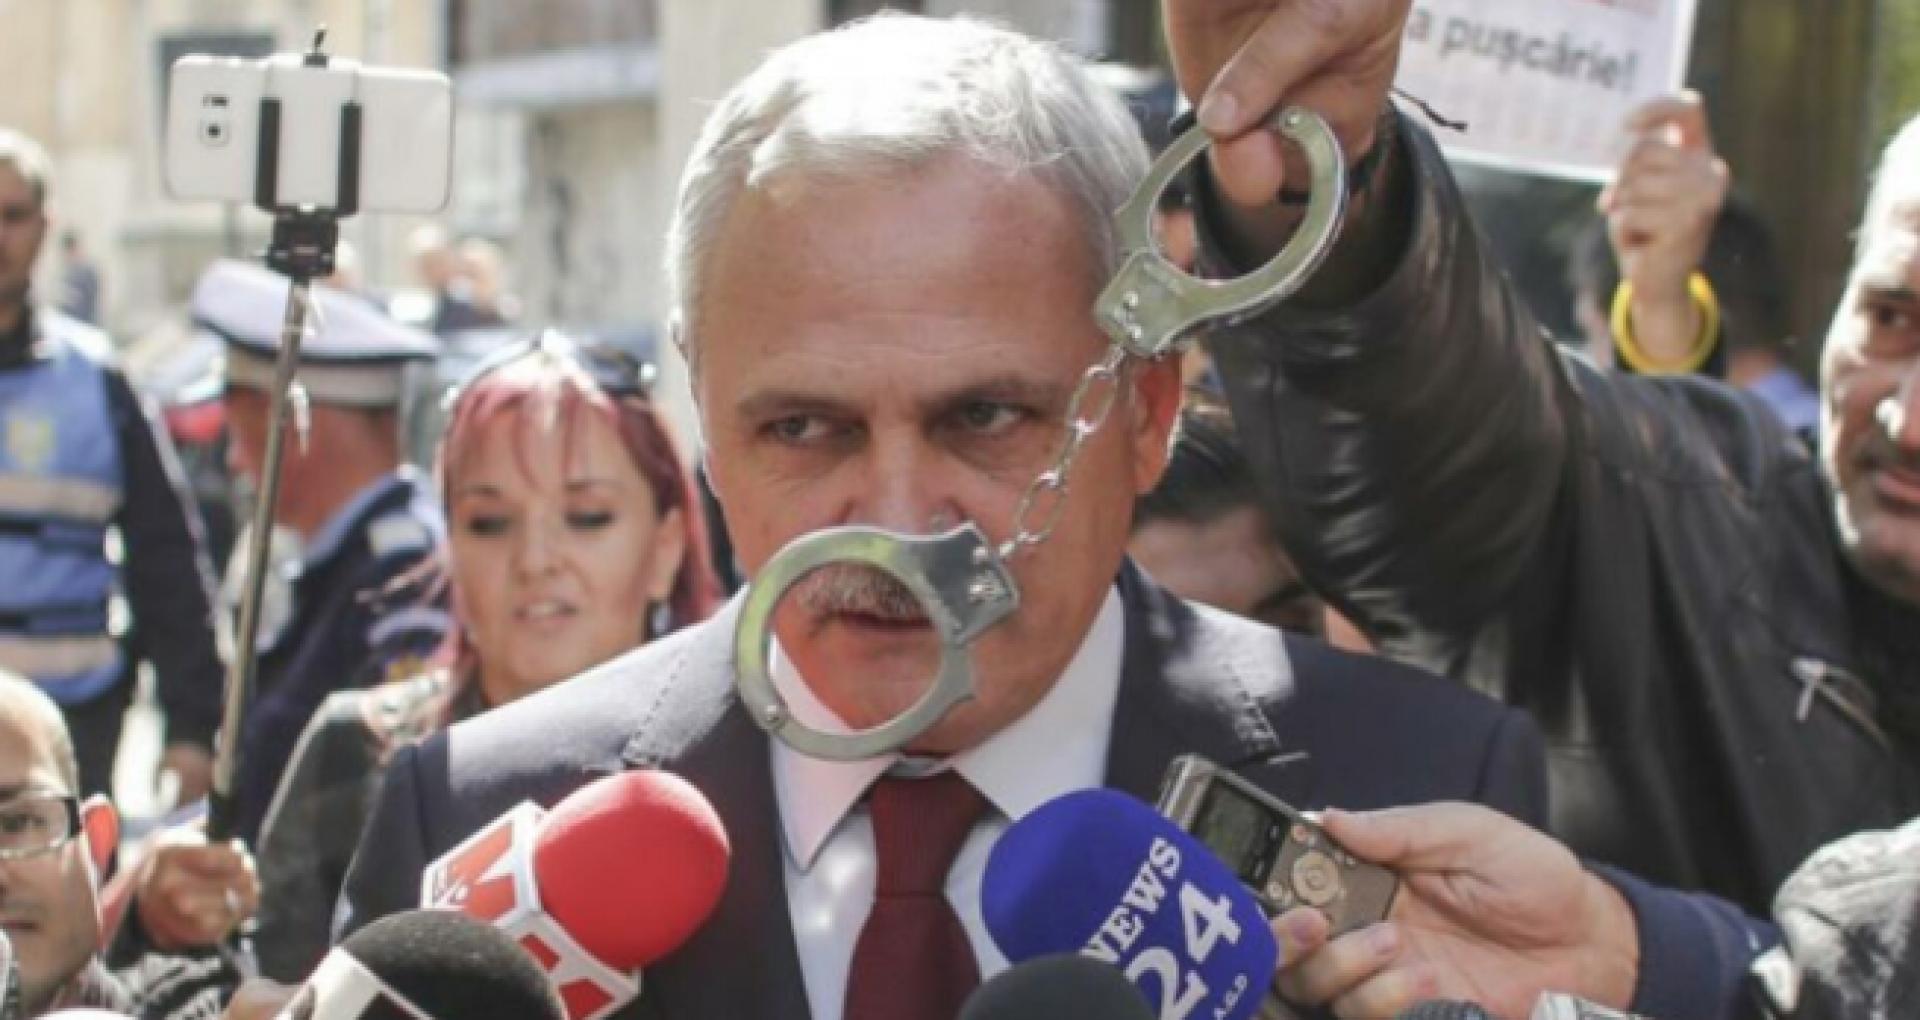 Fostul lider PSD, Liviu Dragnea, aflat în închisoare, a primit aviz pozitiv pentru eliberare din partea Comisiei Penitenciarului Rahova